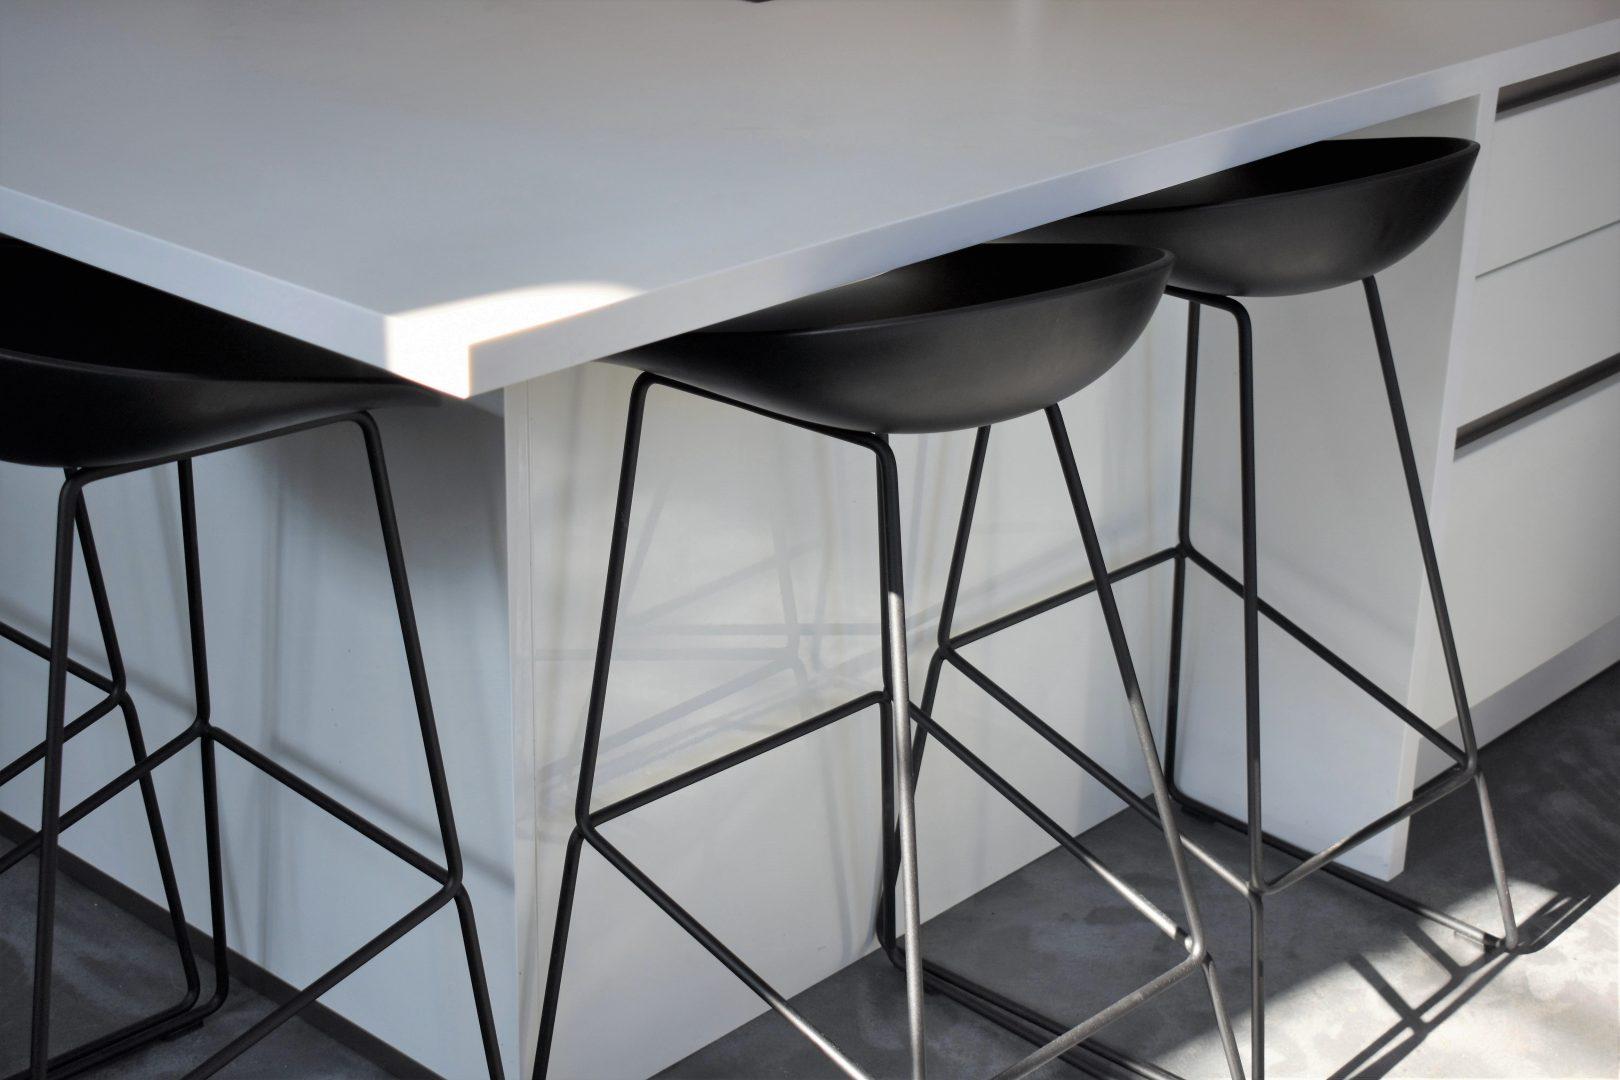 monochrome modern kitchen